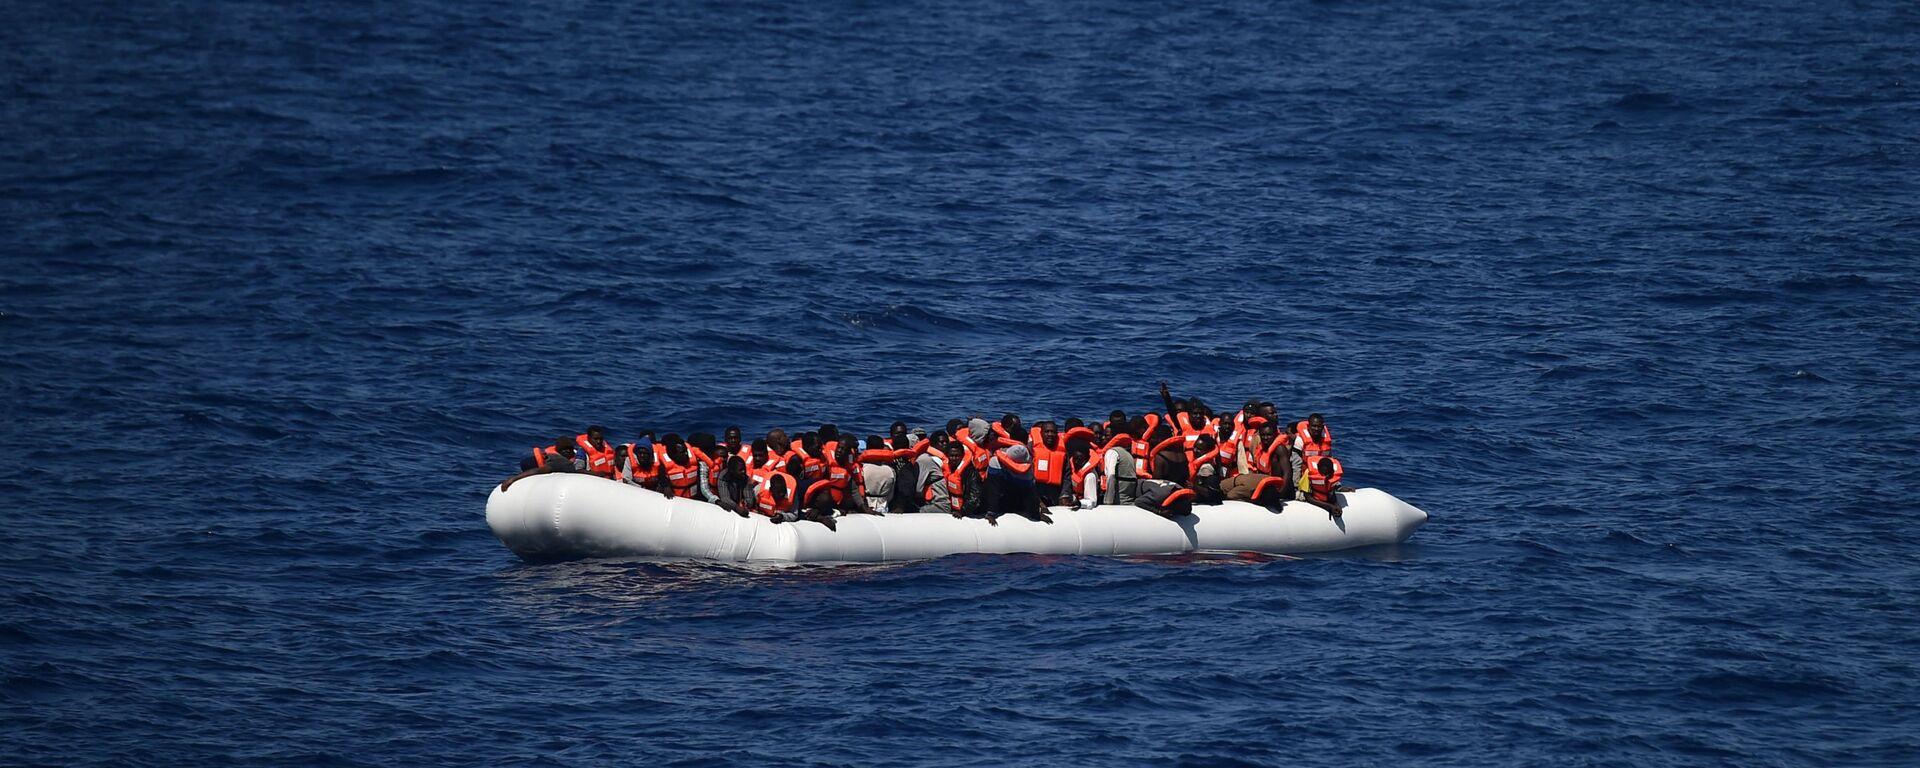 Des réfugiés attendent d'être secourus par le bateau Aquarius en mer Méditerranée au large des côtes libyennes, mai 2016 - Sputnik France, 1920, 29.07.2021